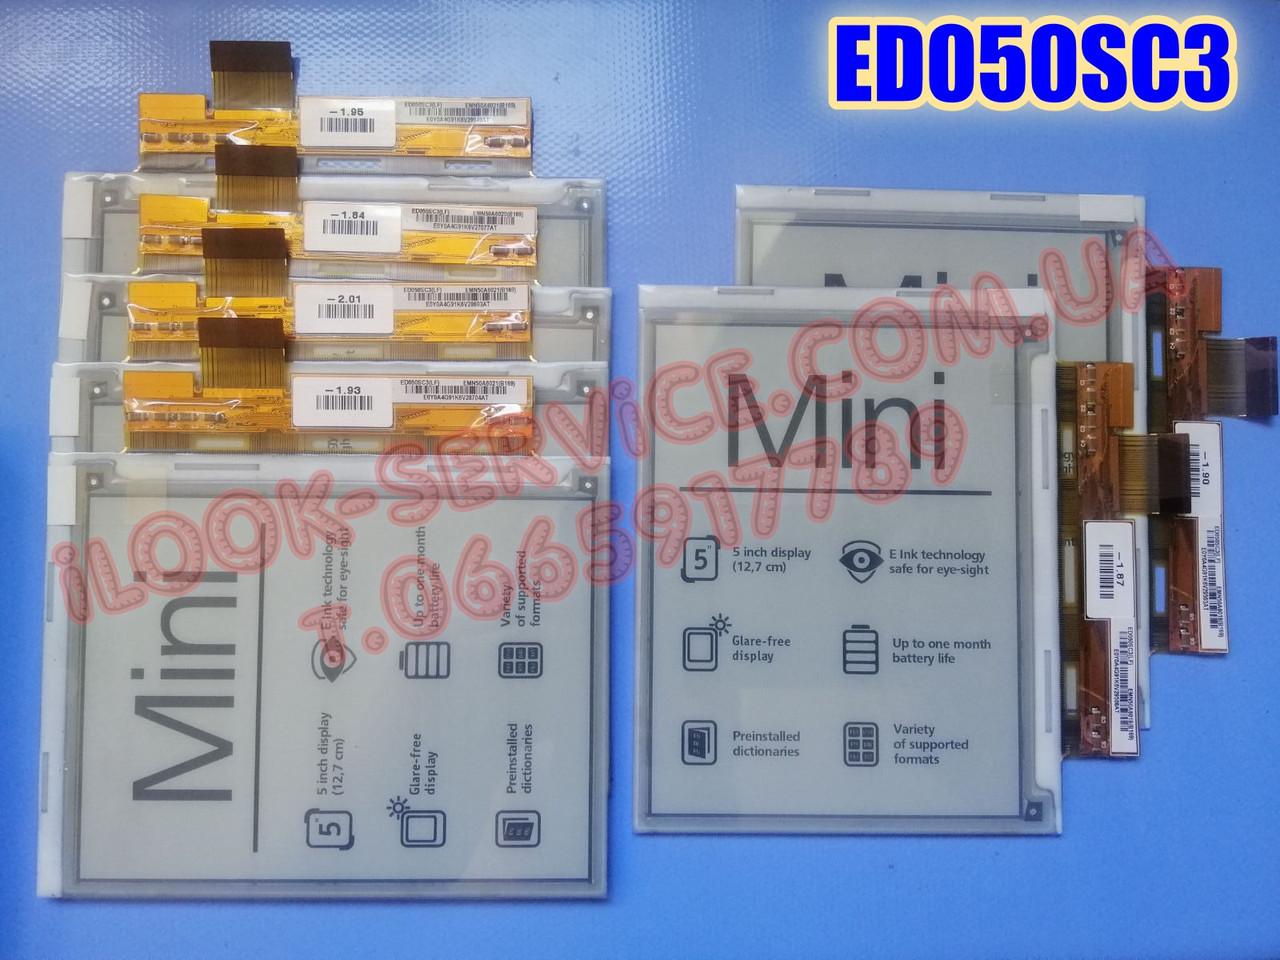 Матриця Екран Дисплей ED050SC3 для електронної книги Pocketbook 515 Mini